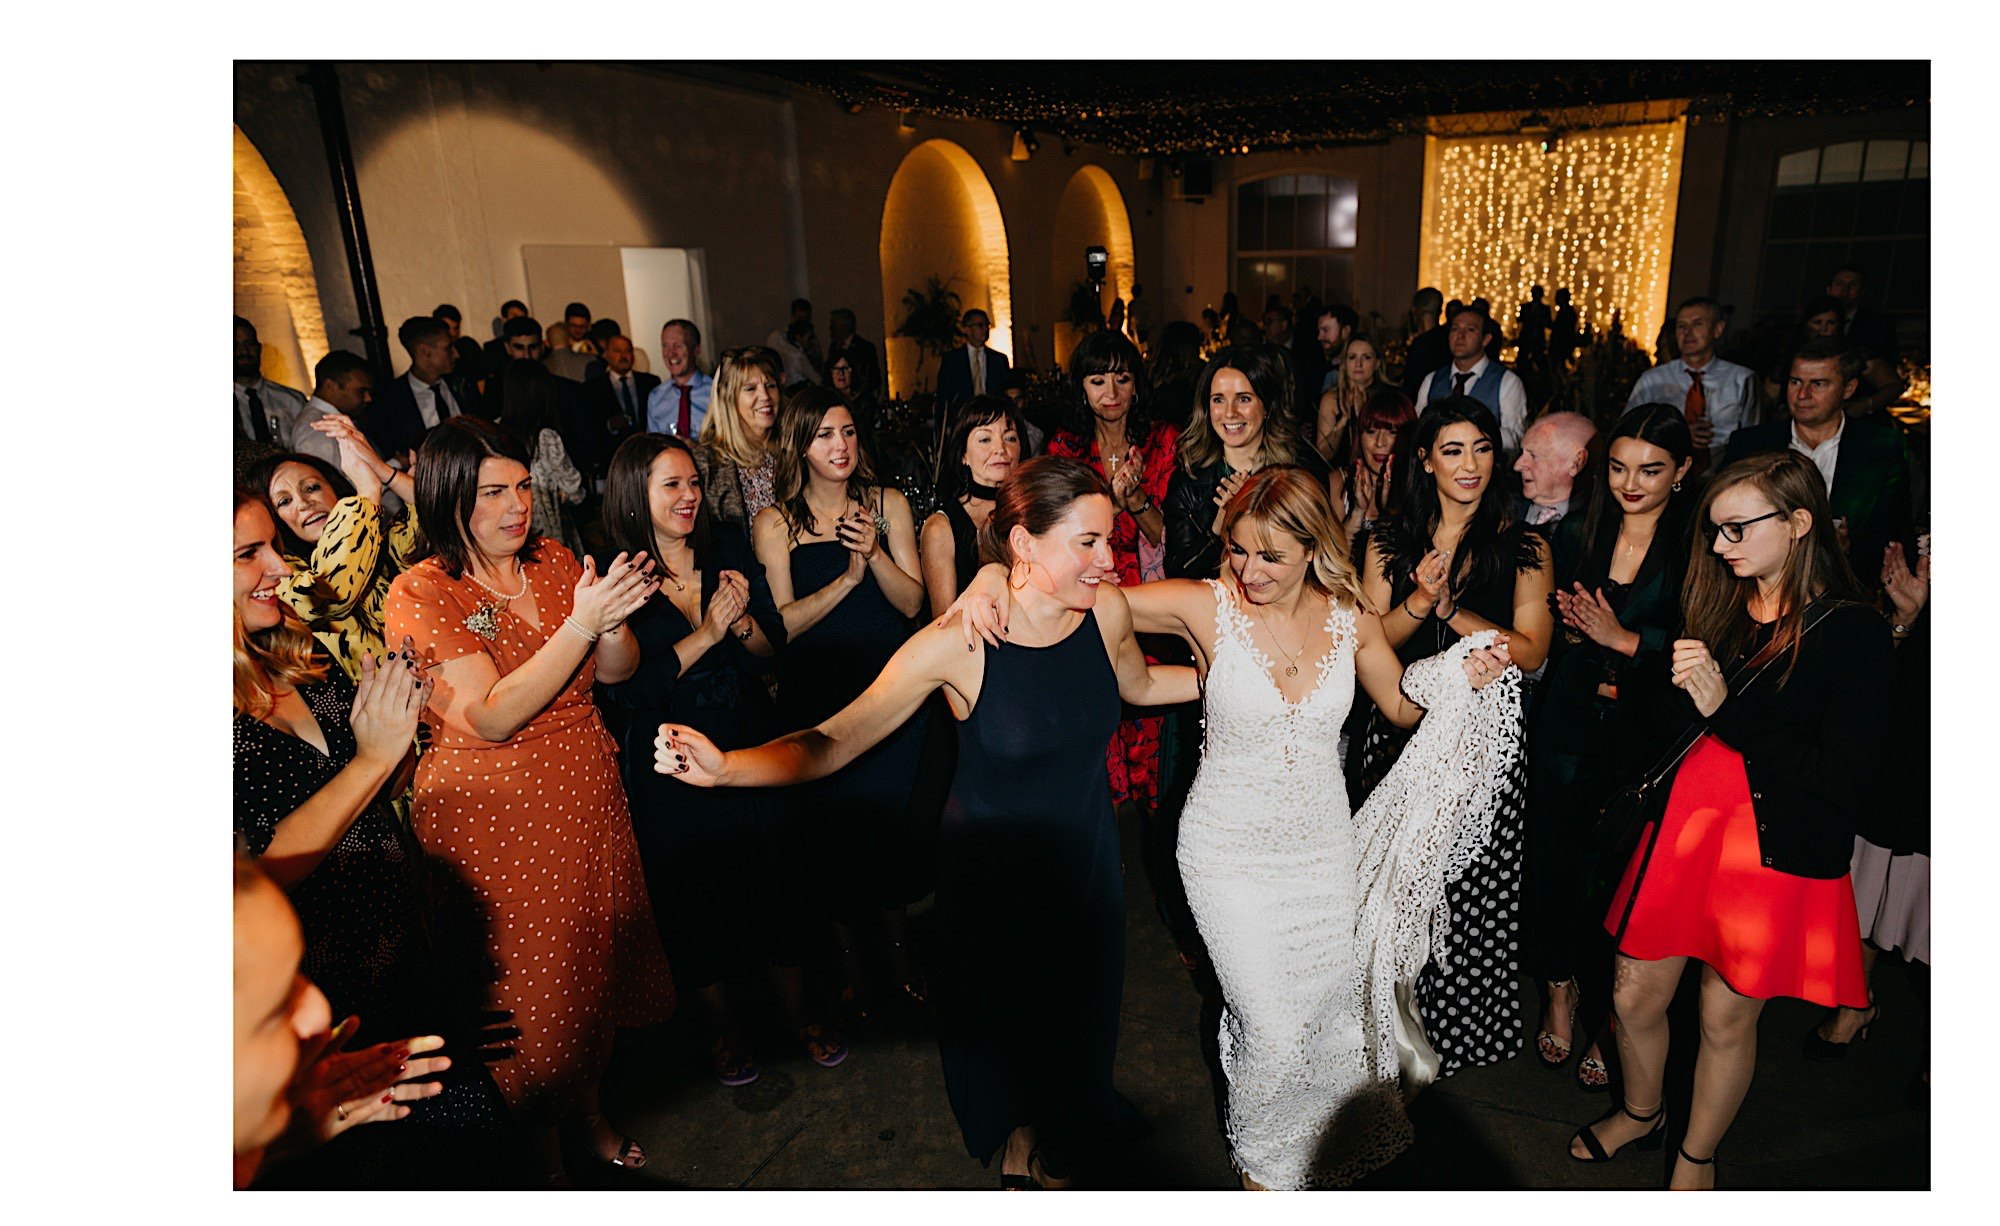 greek dancing at trinity buoy wharf wedding venue